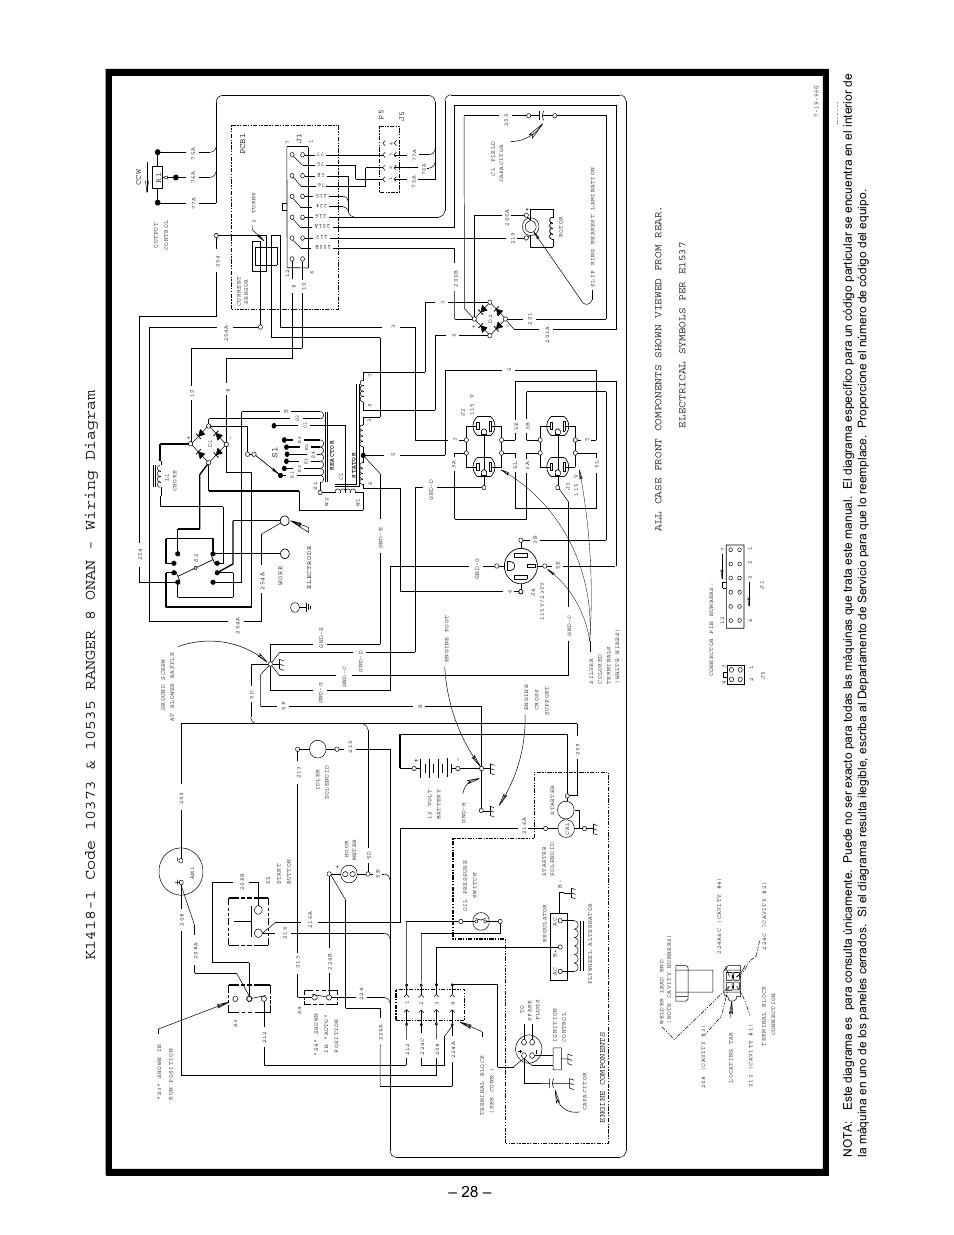 lincoln ranger 8 welder wiring diagram 1982 chevy c10 wiper -